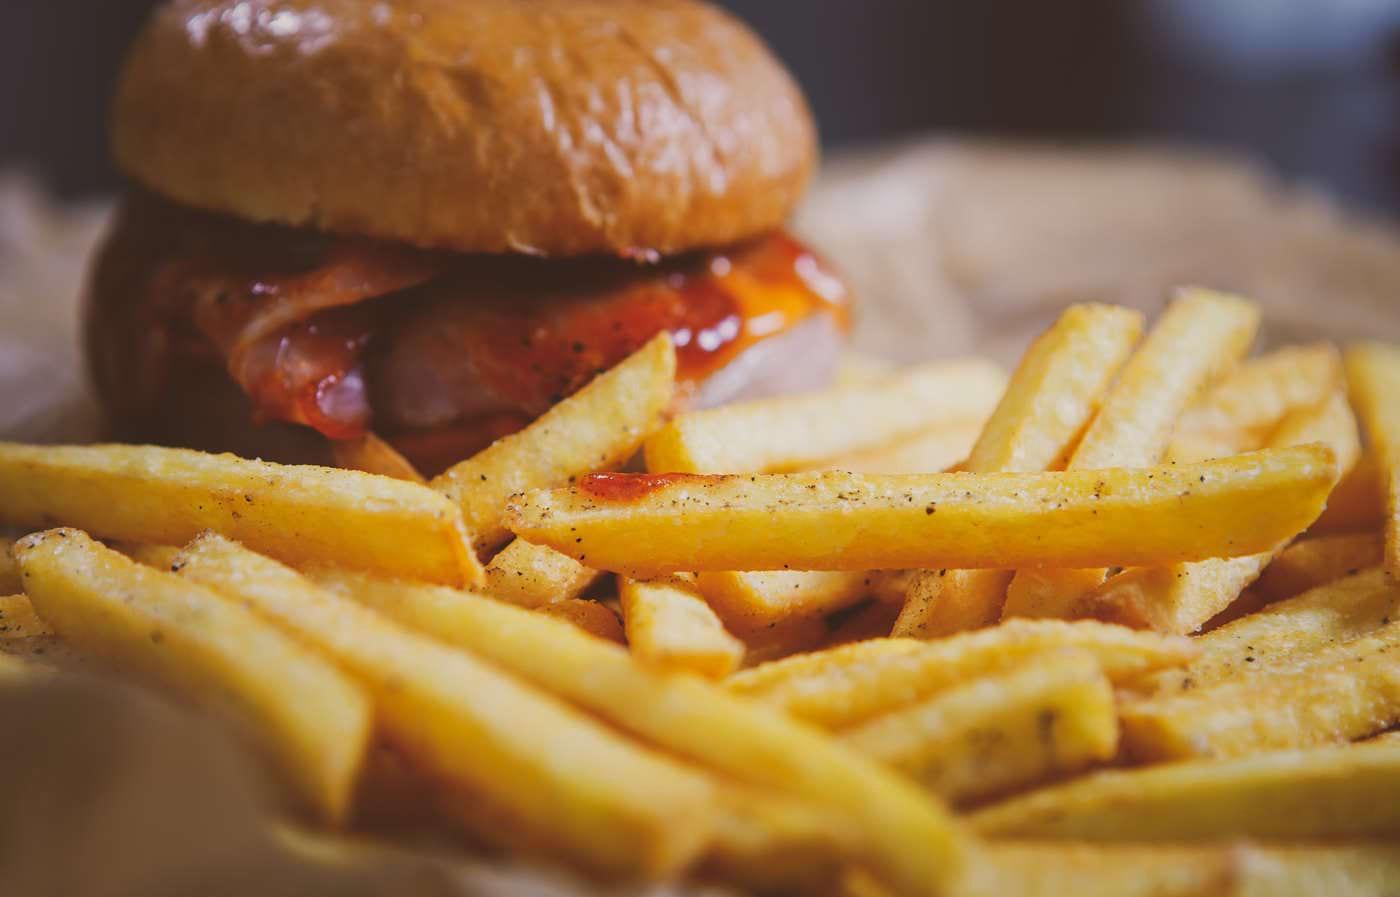 Consumul de alimente bogate în grăsimi saturate scade atenția și concentrarea [studiu]